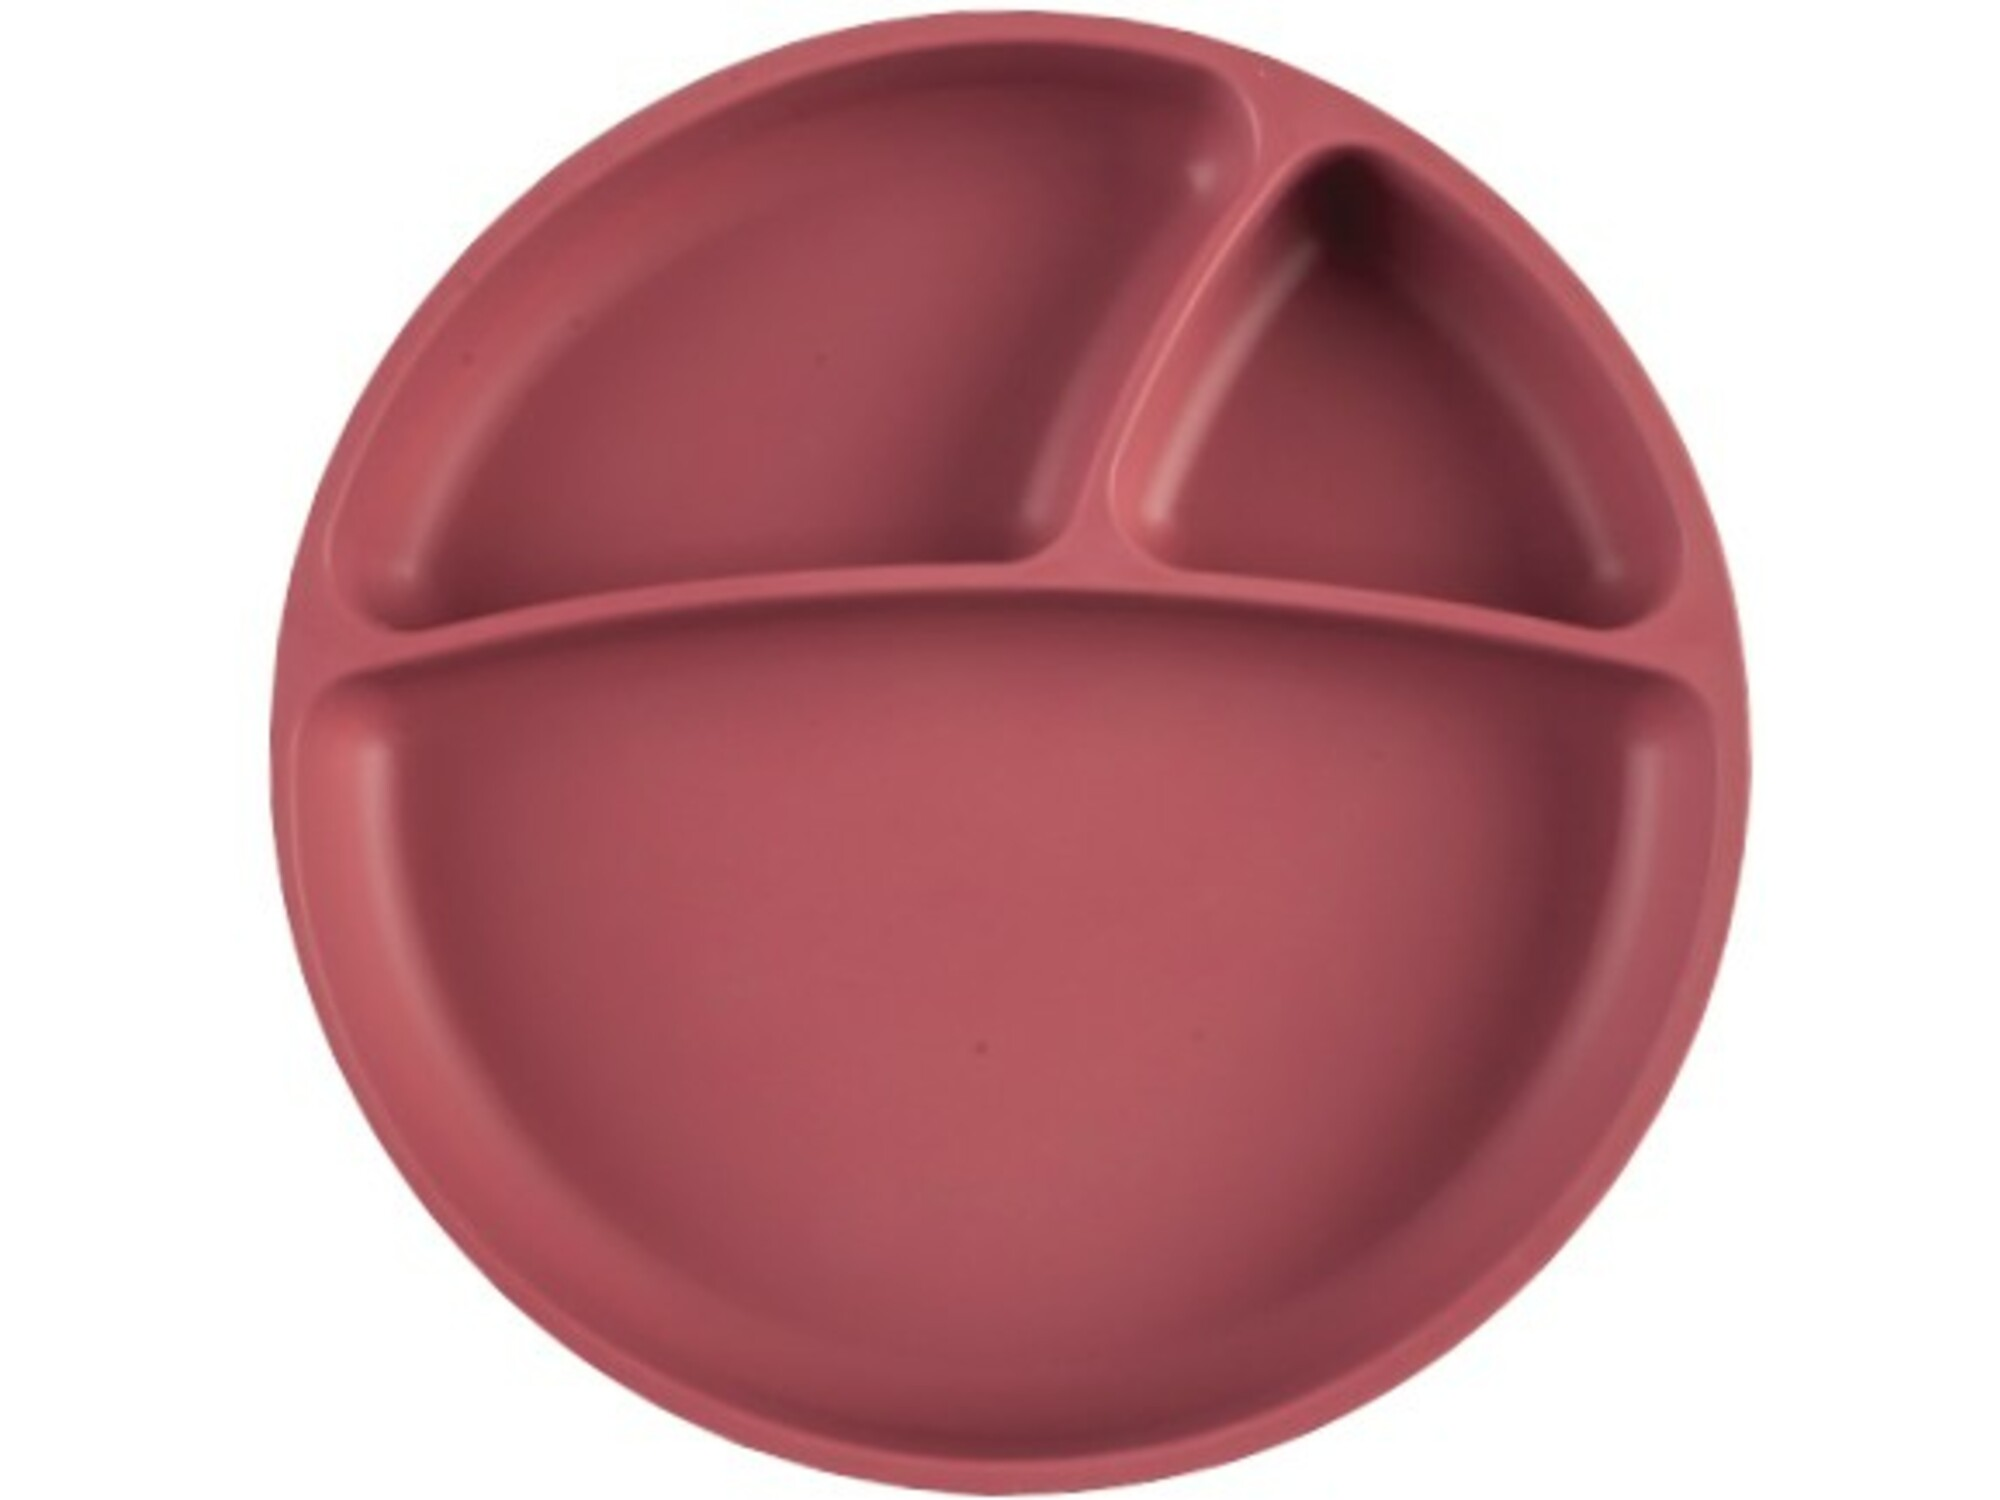 MINIKOIOI otroški krožnik iz silikona in vakumsko pritrditvijo Portions - rdeča